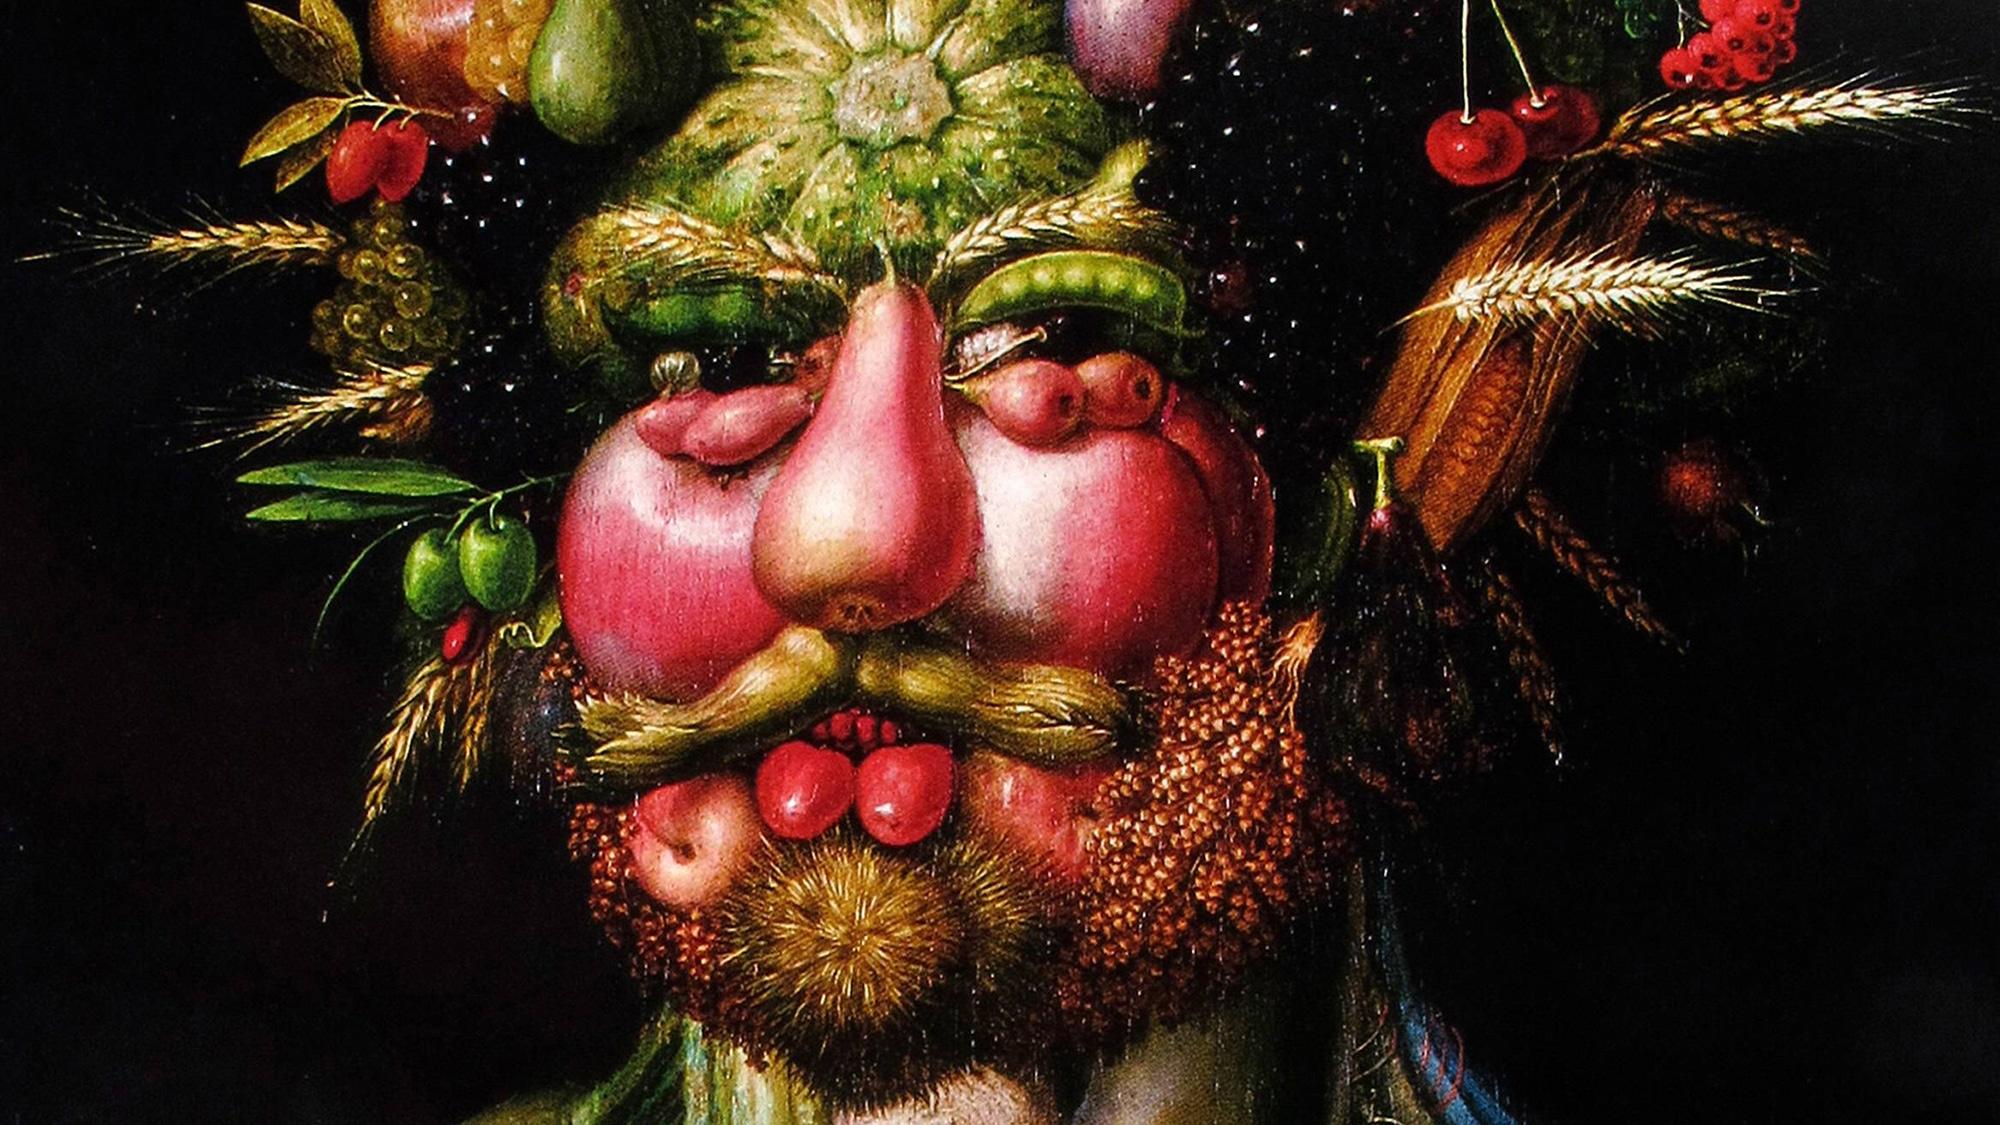 Bildnummer: 54883482  Datum: 20.01.2011  Copyright: imago/RustThema Die Habsburger . Im Repro: Der Italienischer Maler Giuse